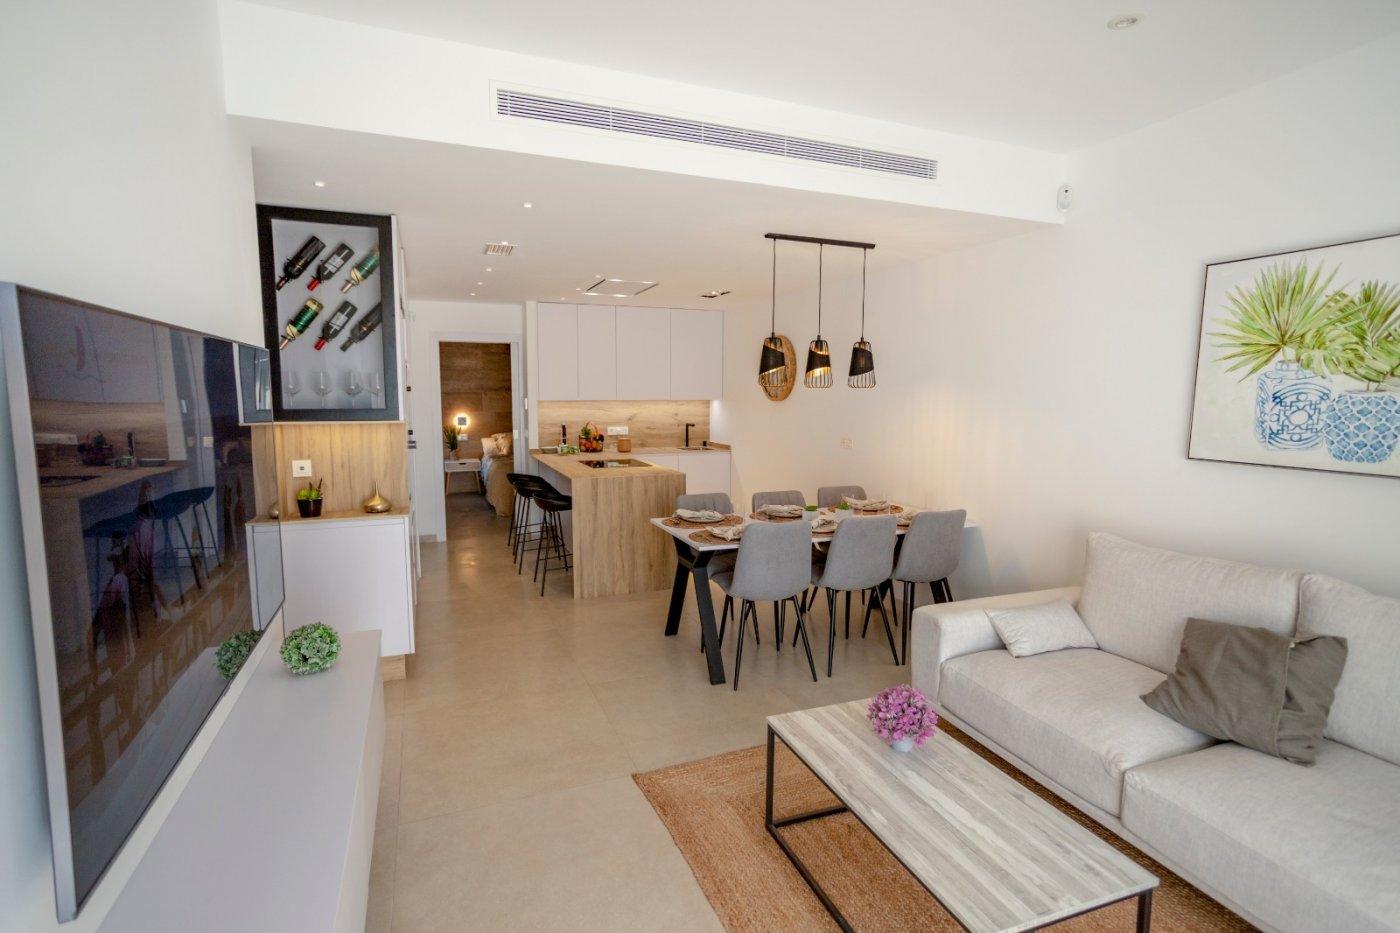 Apartamento moderno en san pedro del pinatar - imagenInmueble4